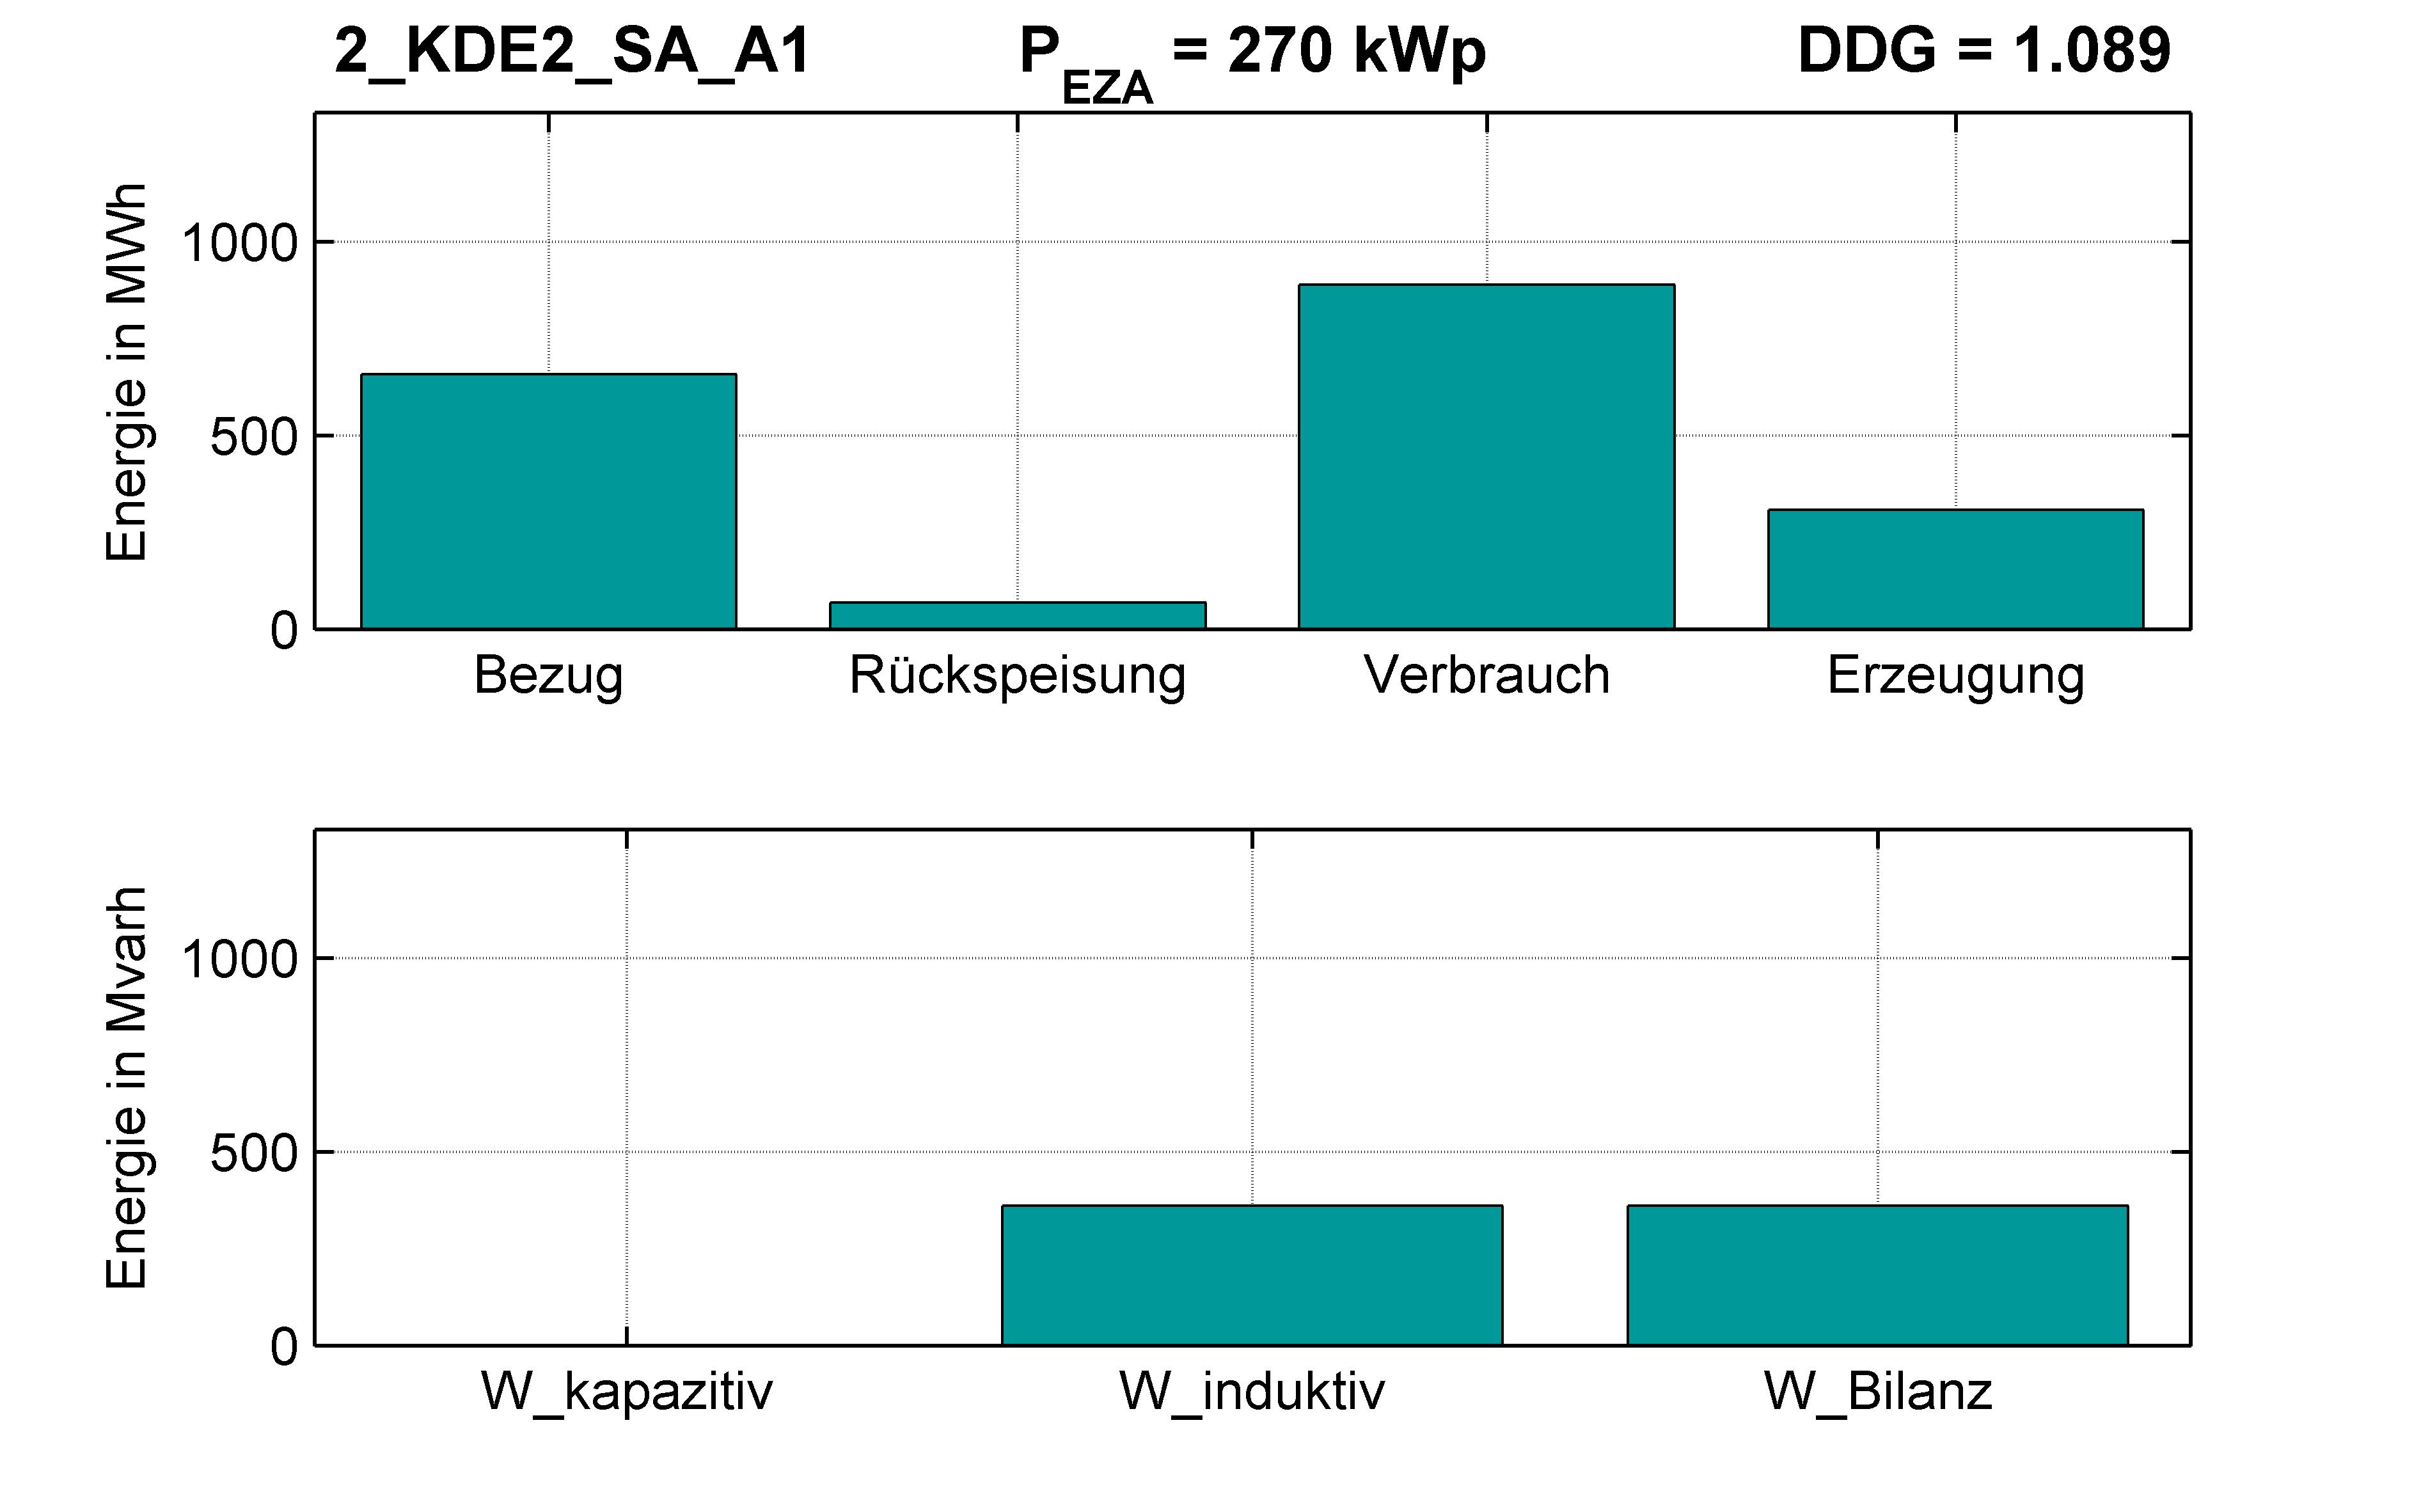 KDE2 | P-Kappung 85% (SA) A1 | PQ-Bilanz